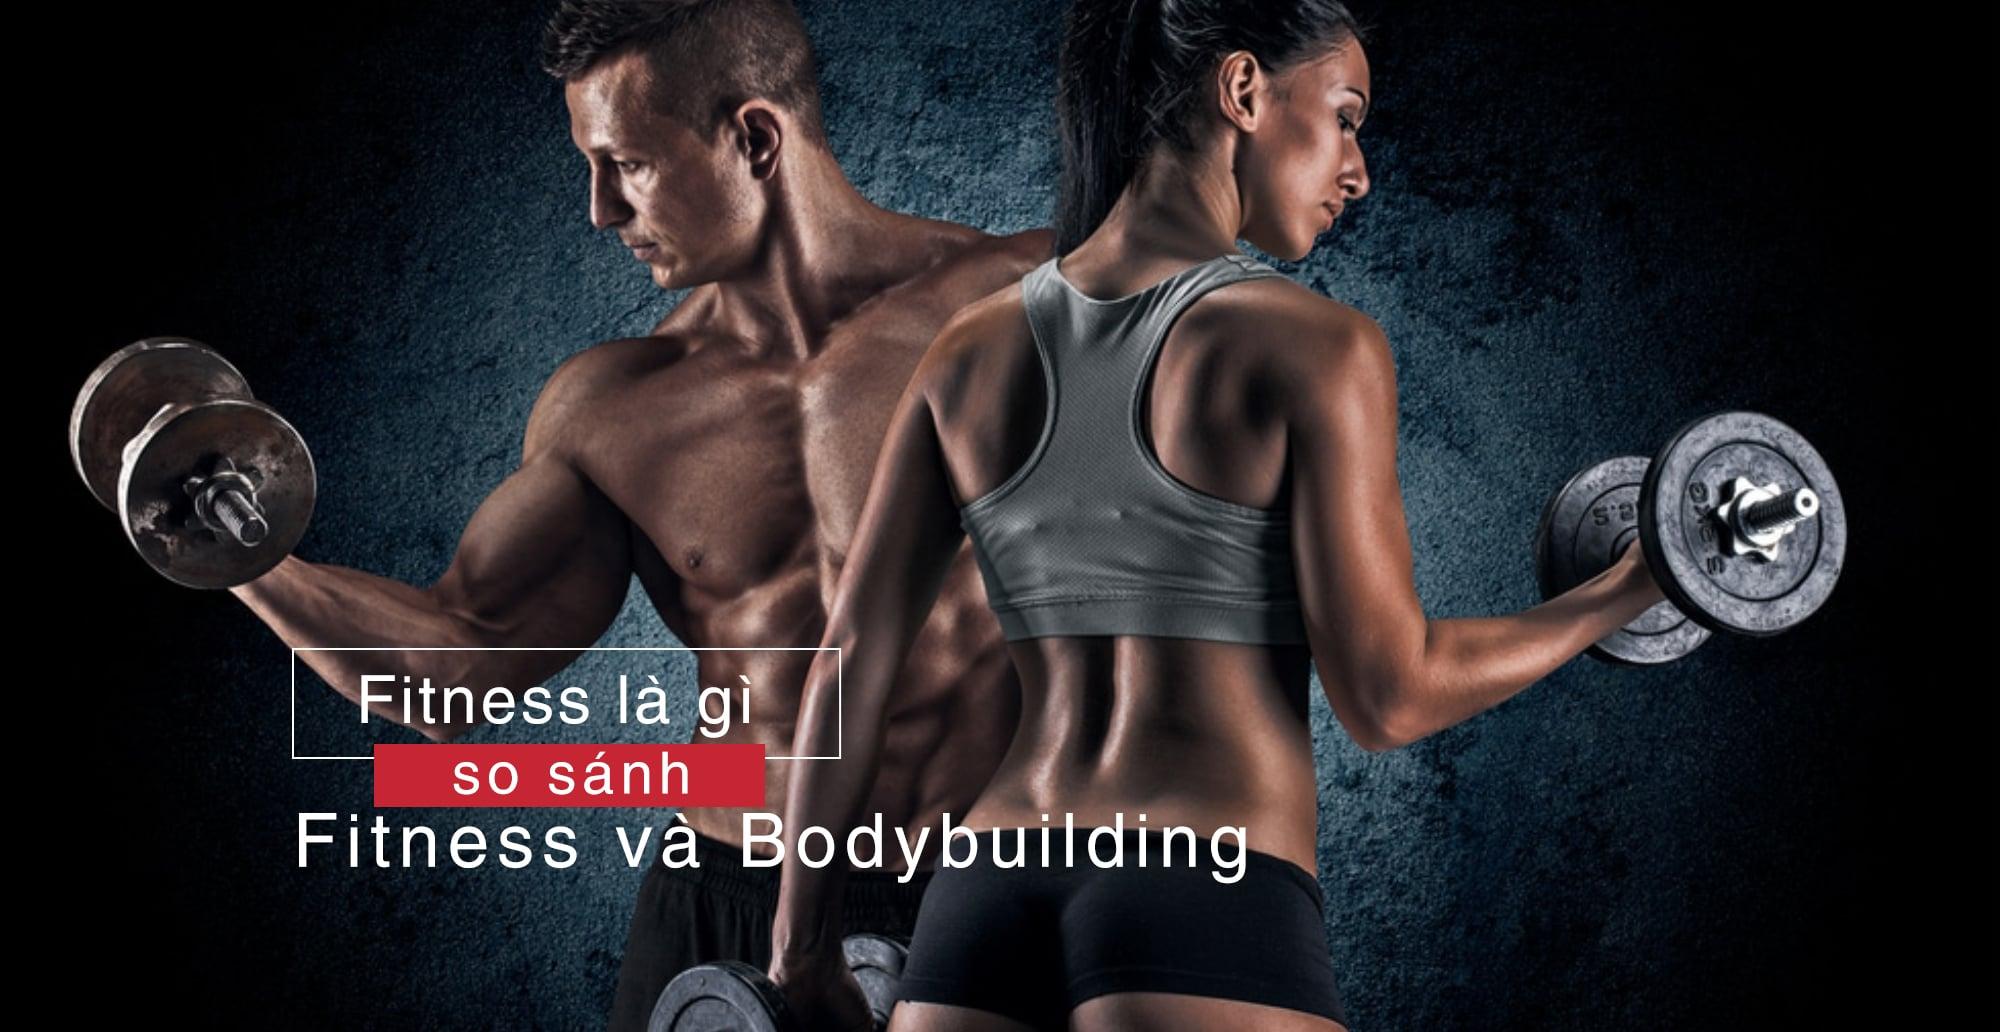 Fitness là gì? Nên tập Fitness hay Bodybuilding? - GiamCanDep vn